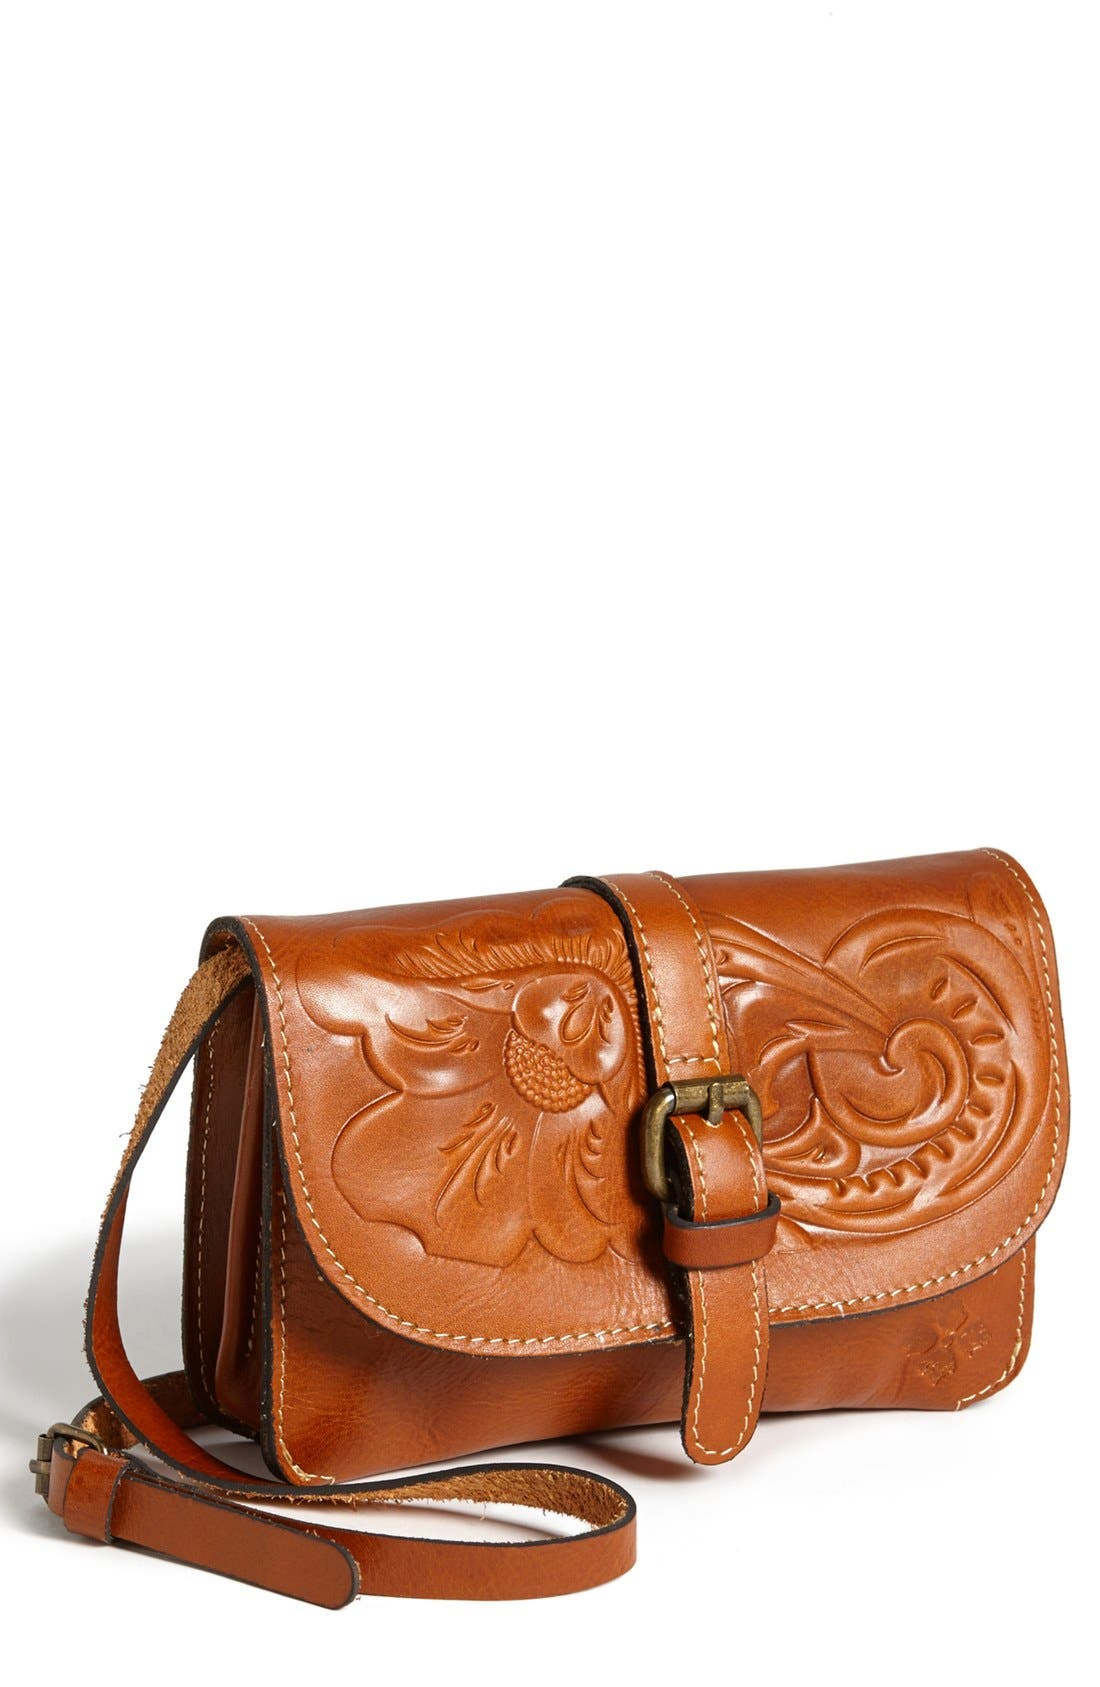 Main Image - Patricia Nash 'Torri' Embossed Leather Crossbody Bag